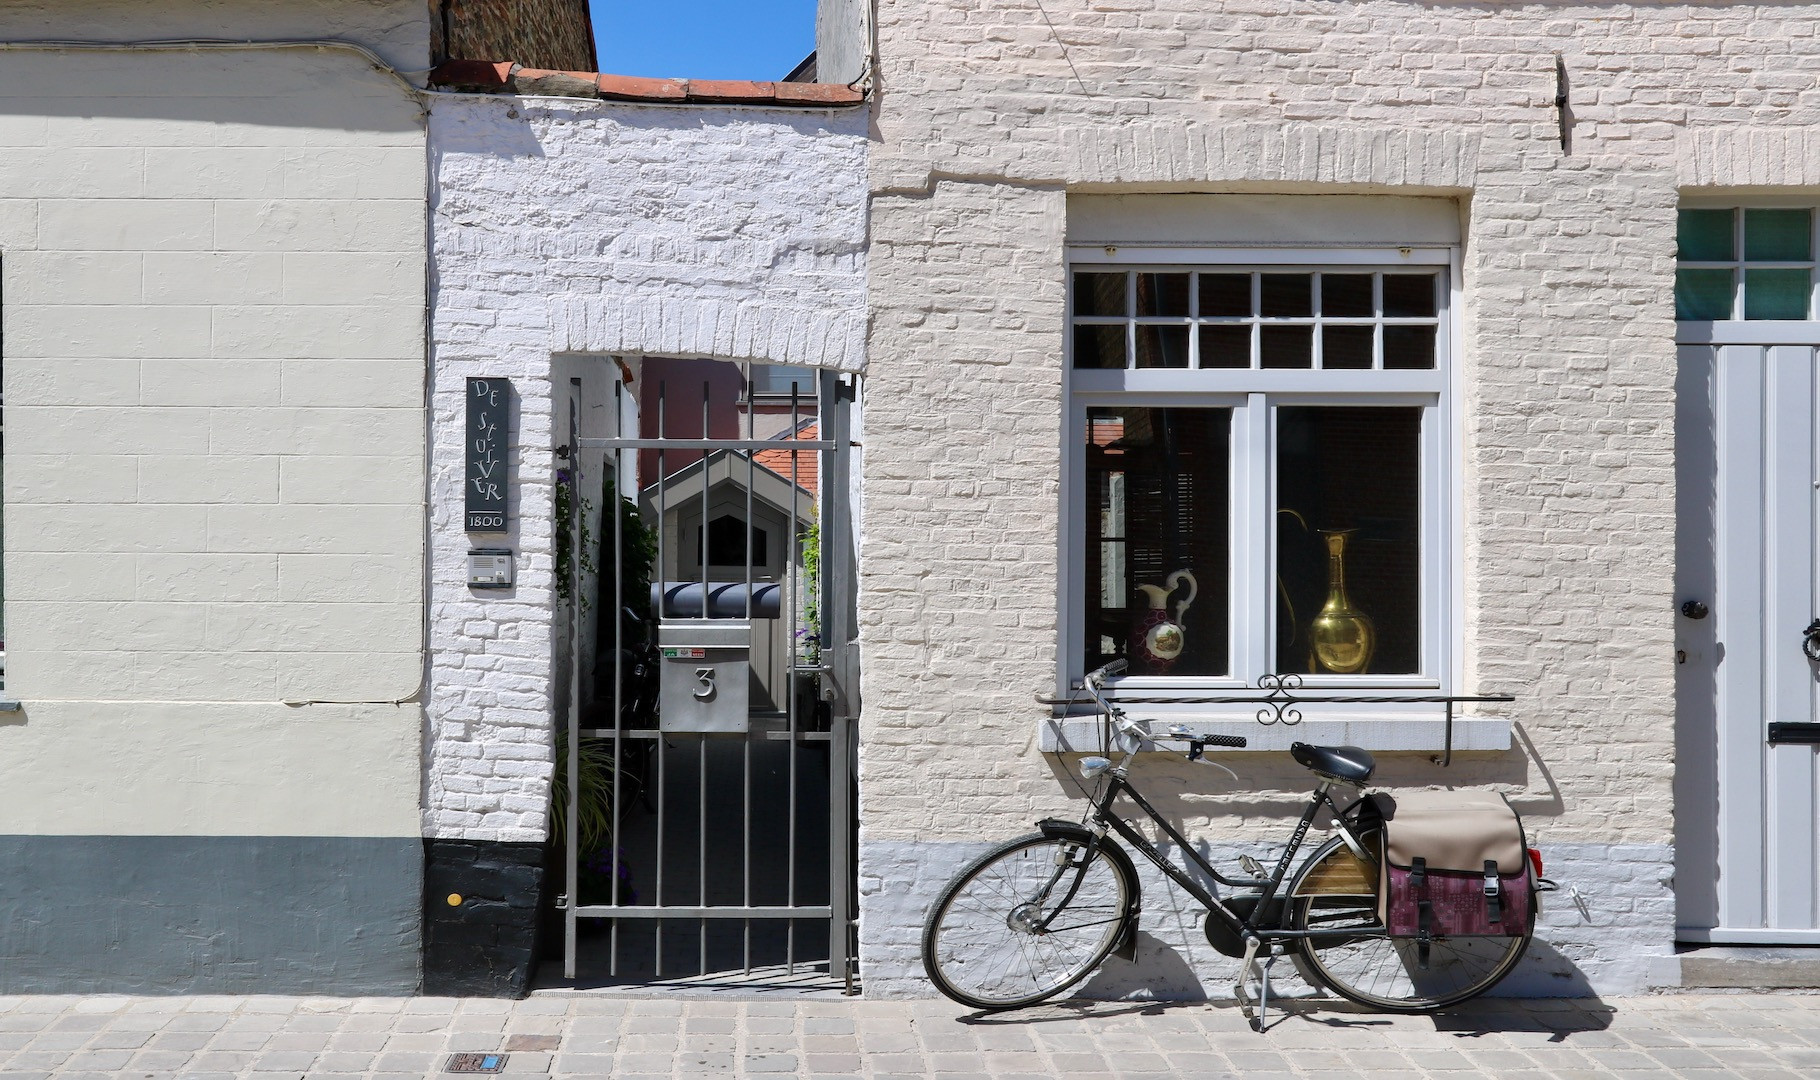 Fort De Stuiver, Brugs huisje, anders dan de anderen, vernieuwbouw met authentieke puntgevel, grote en zonnige terrastuin én fietsenpoortje, verborgen ligging op een historische site nabij de Potterierei